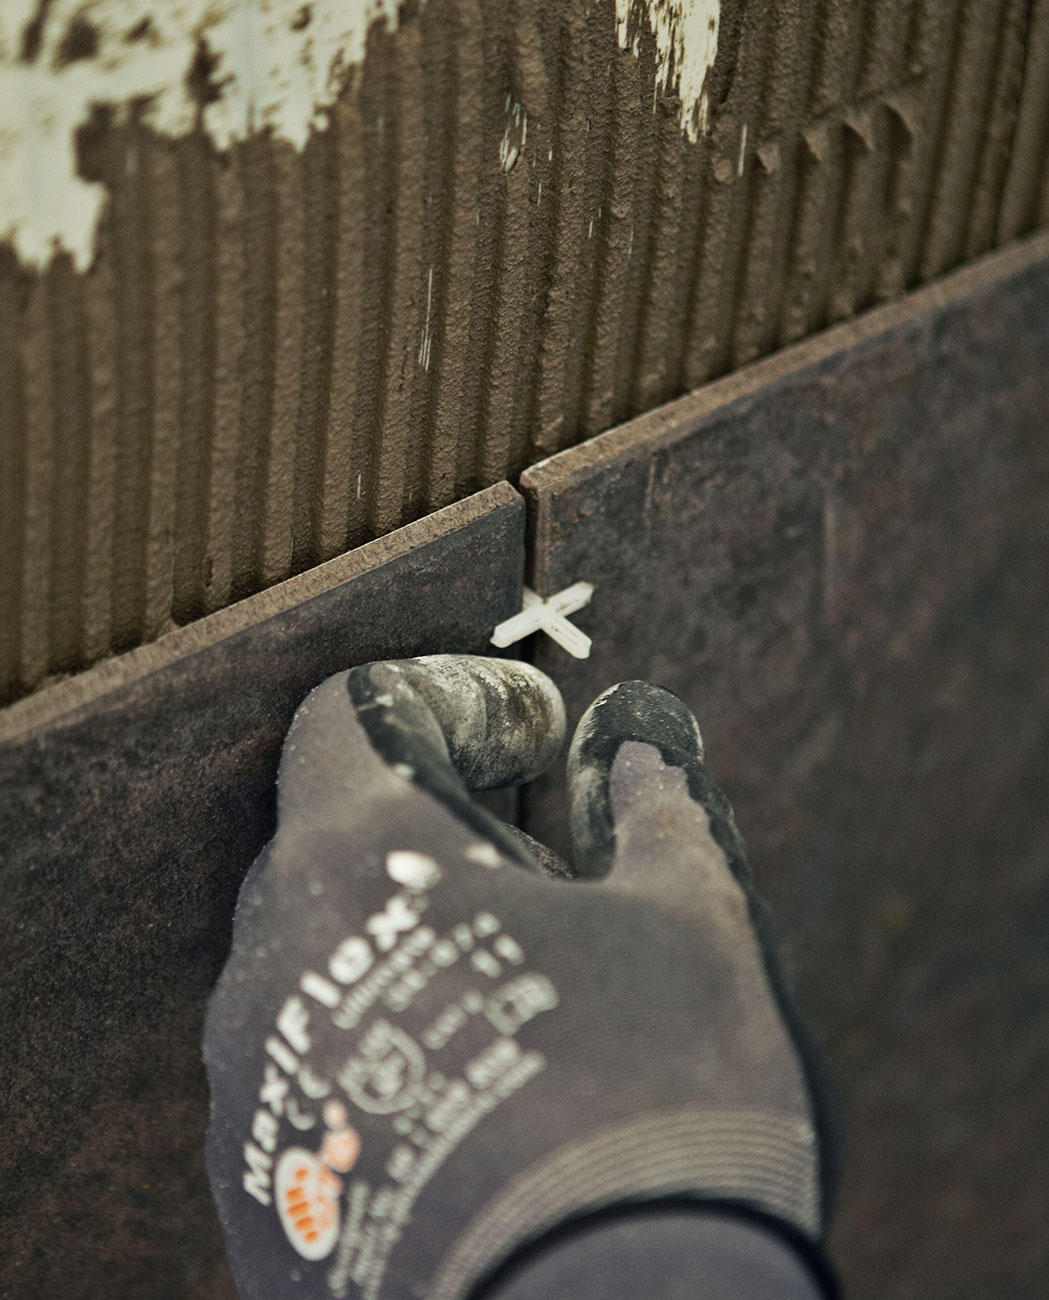 Brug et flisekryds for at holde afstanden mellem fliserne på luksusbadeværelset